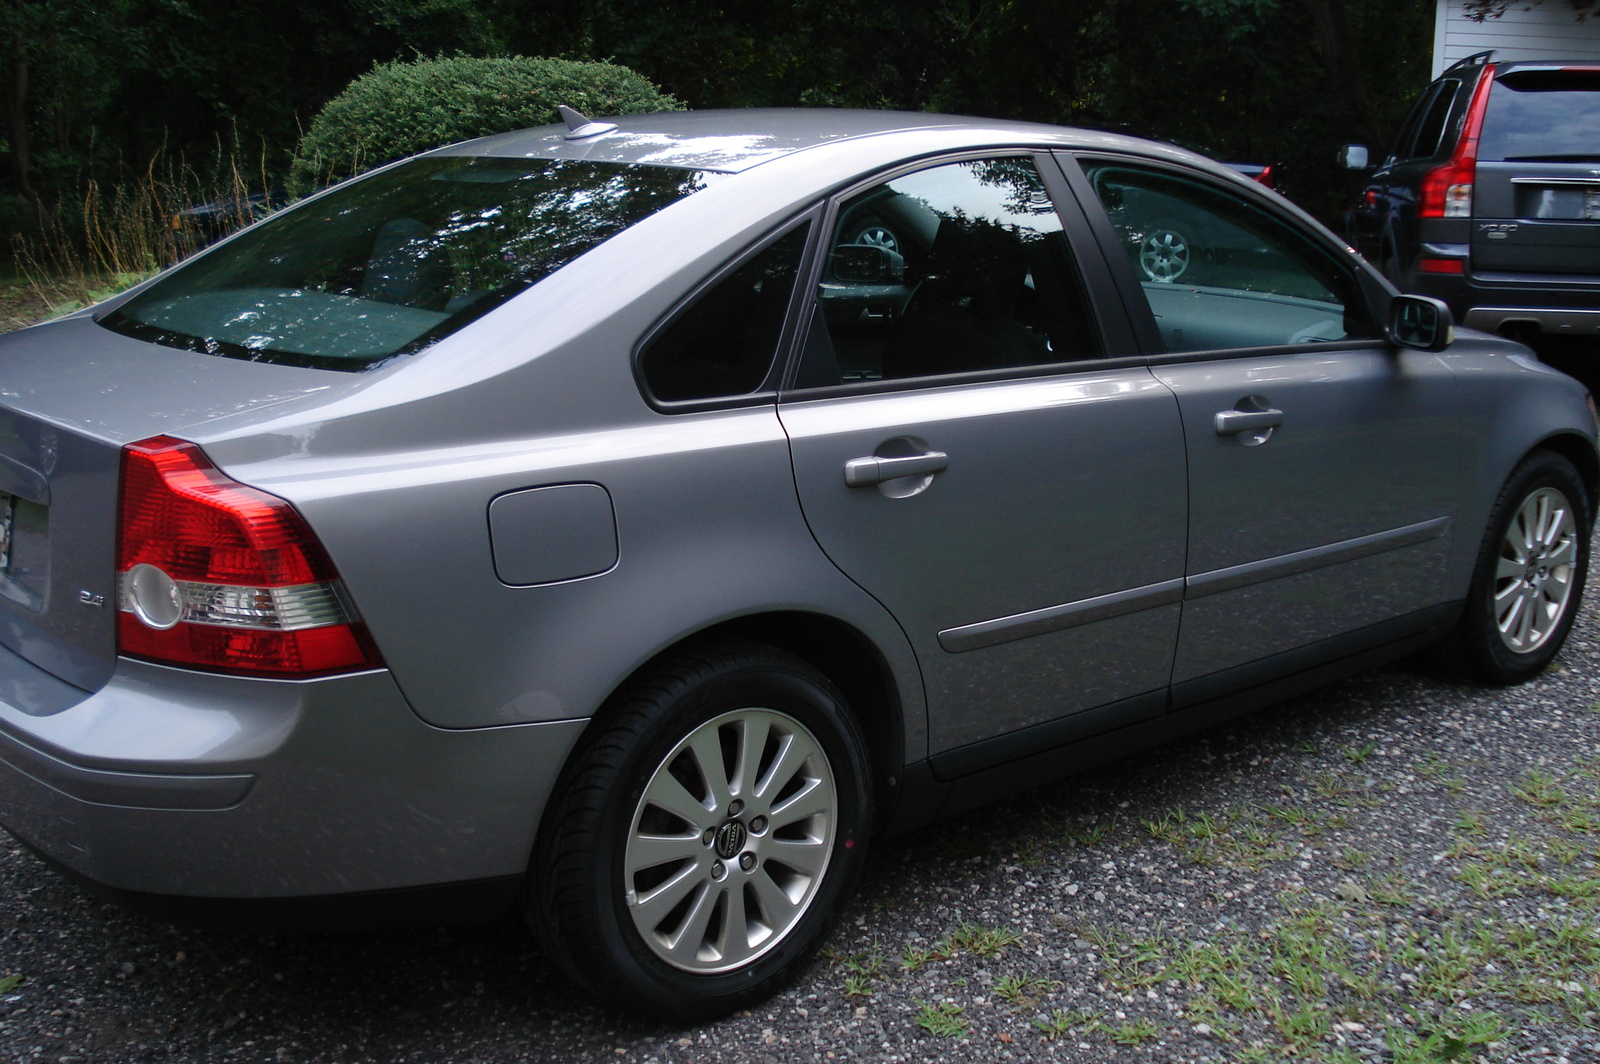 2005 Volvo S40 Pictures Cargurus